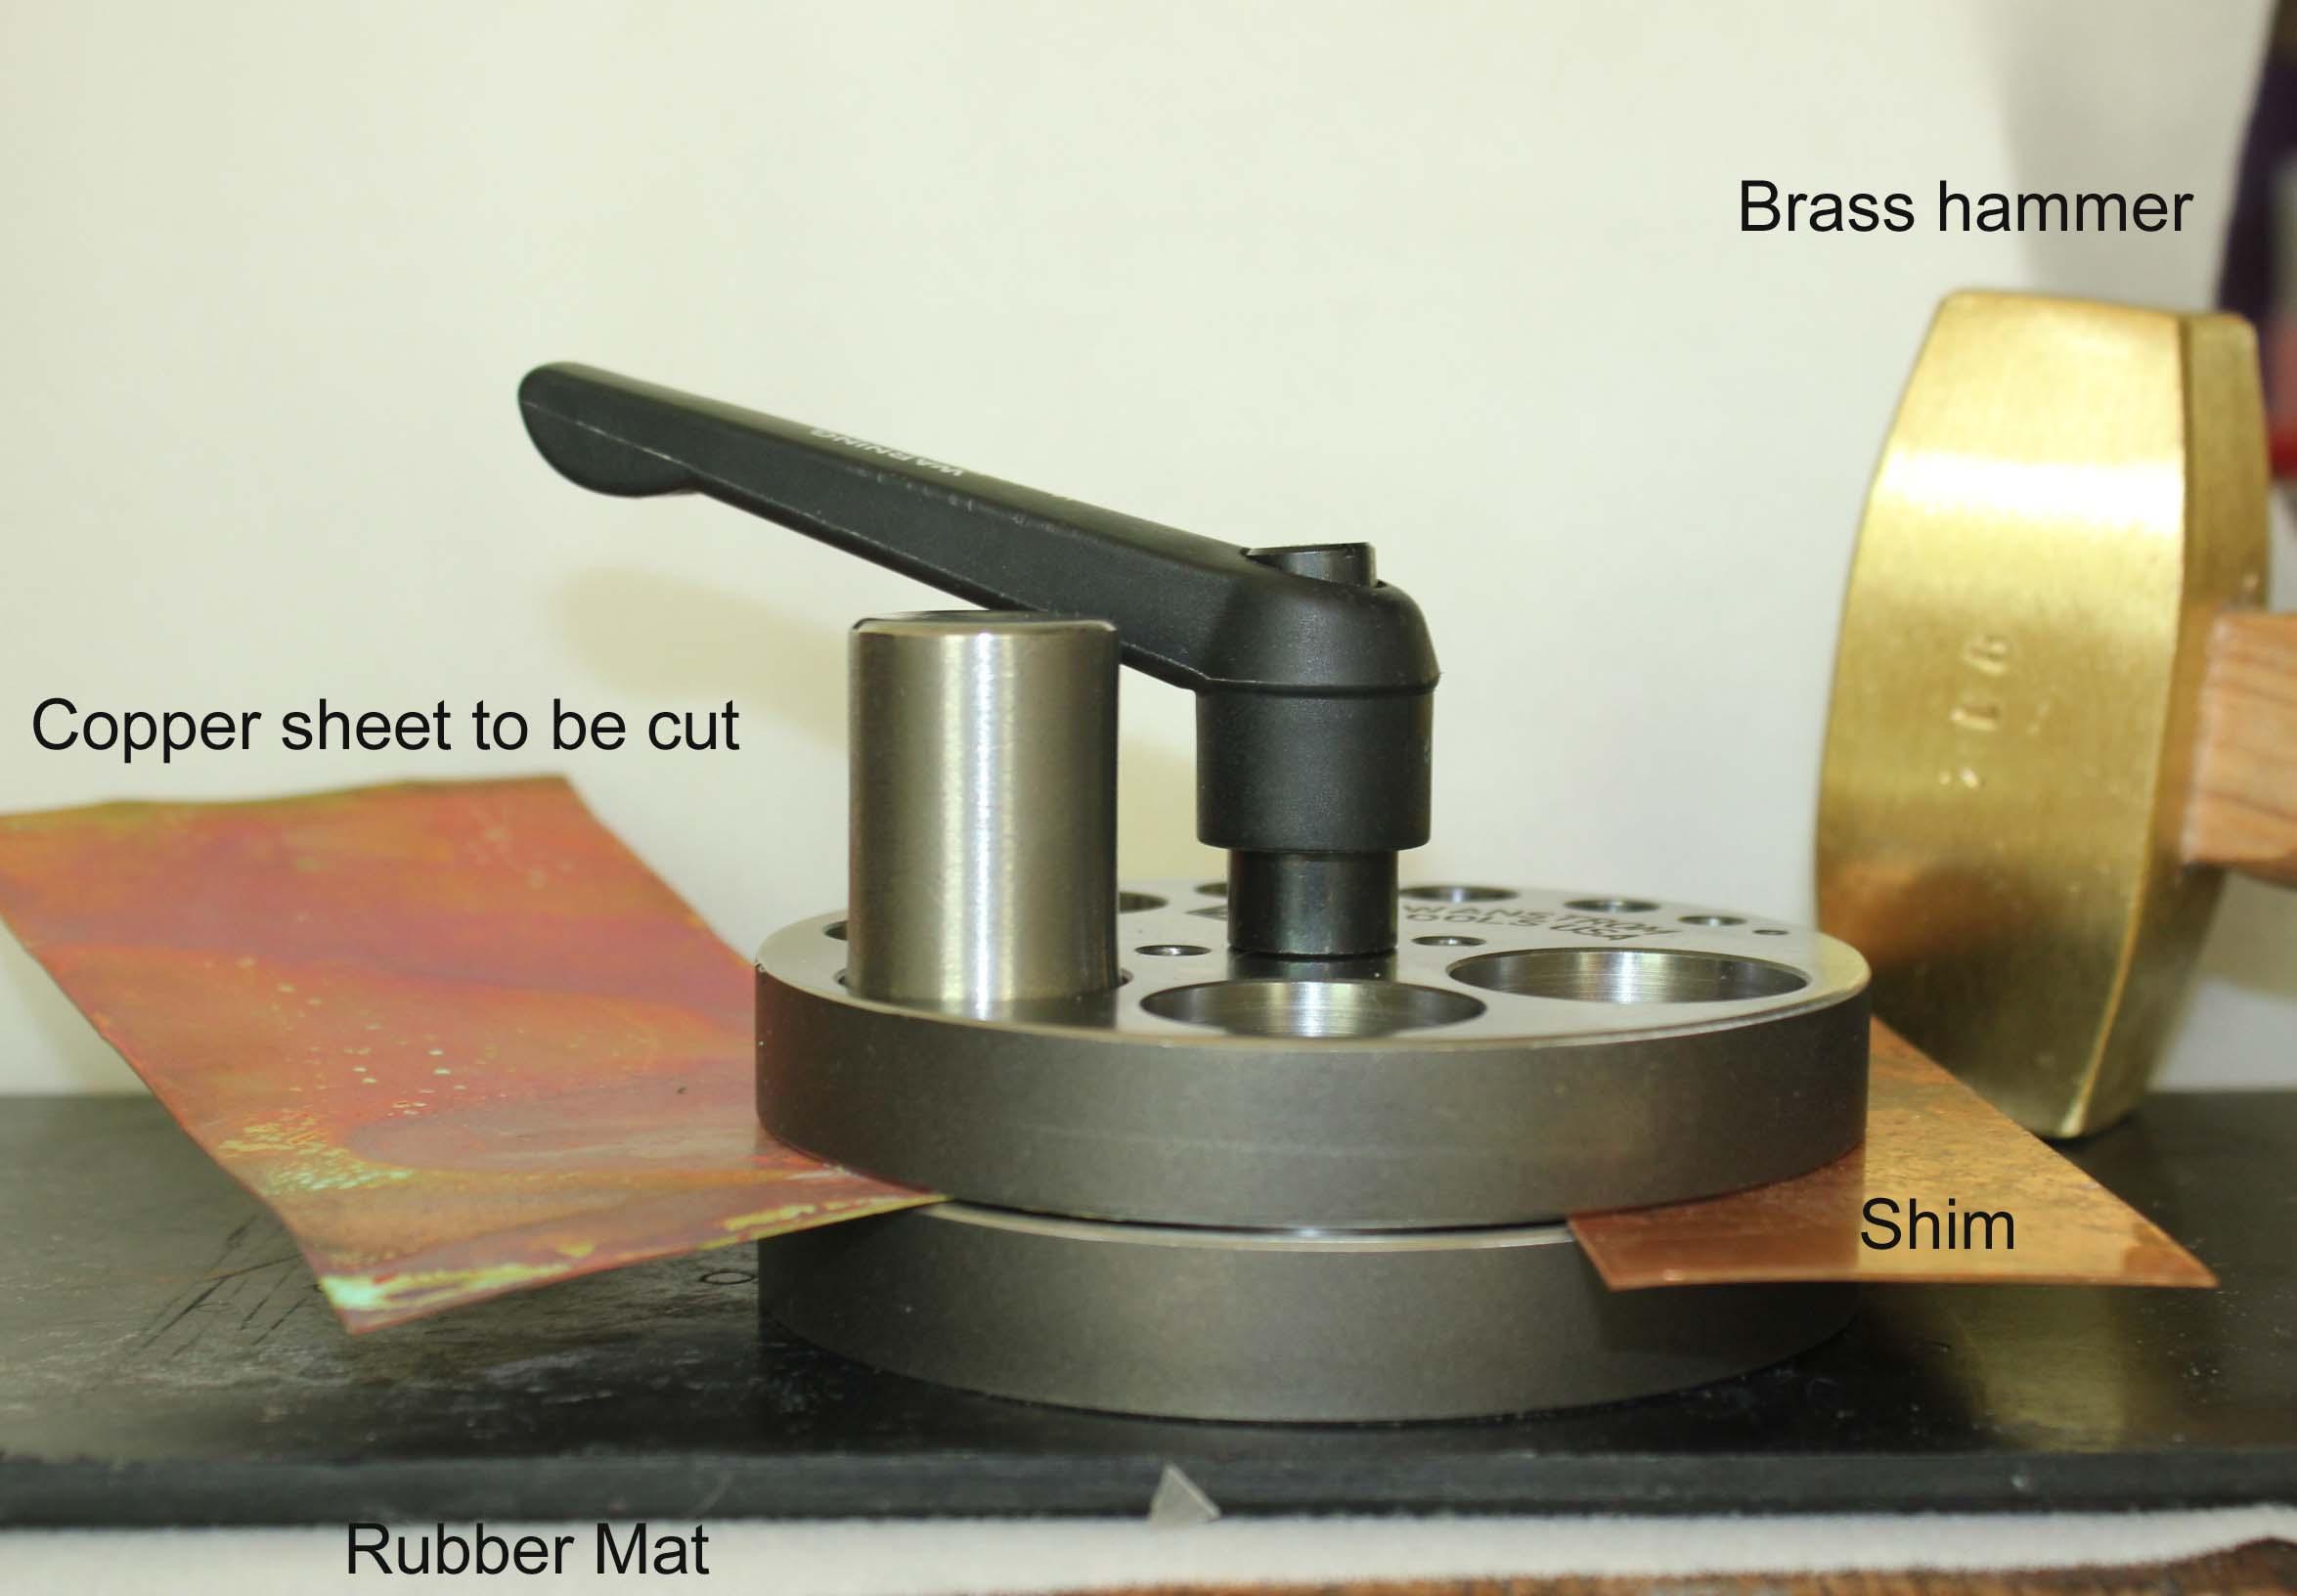 Disc cutter, copper sheet, shim, rubber mat, brass hammer